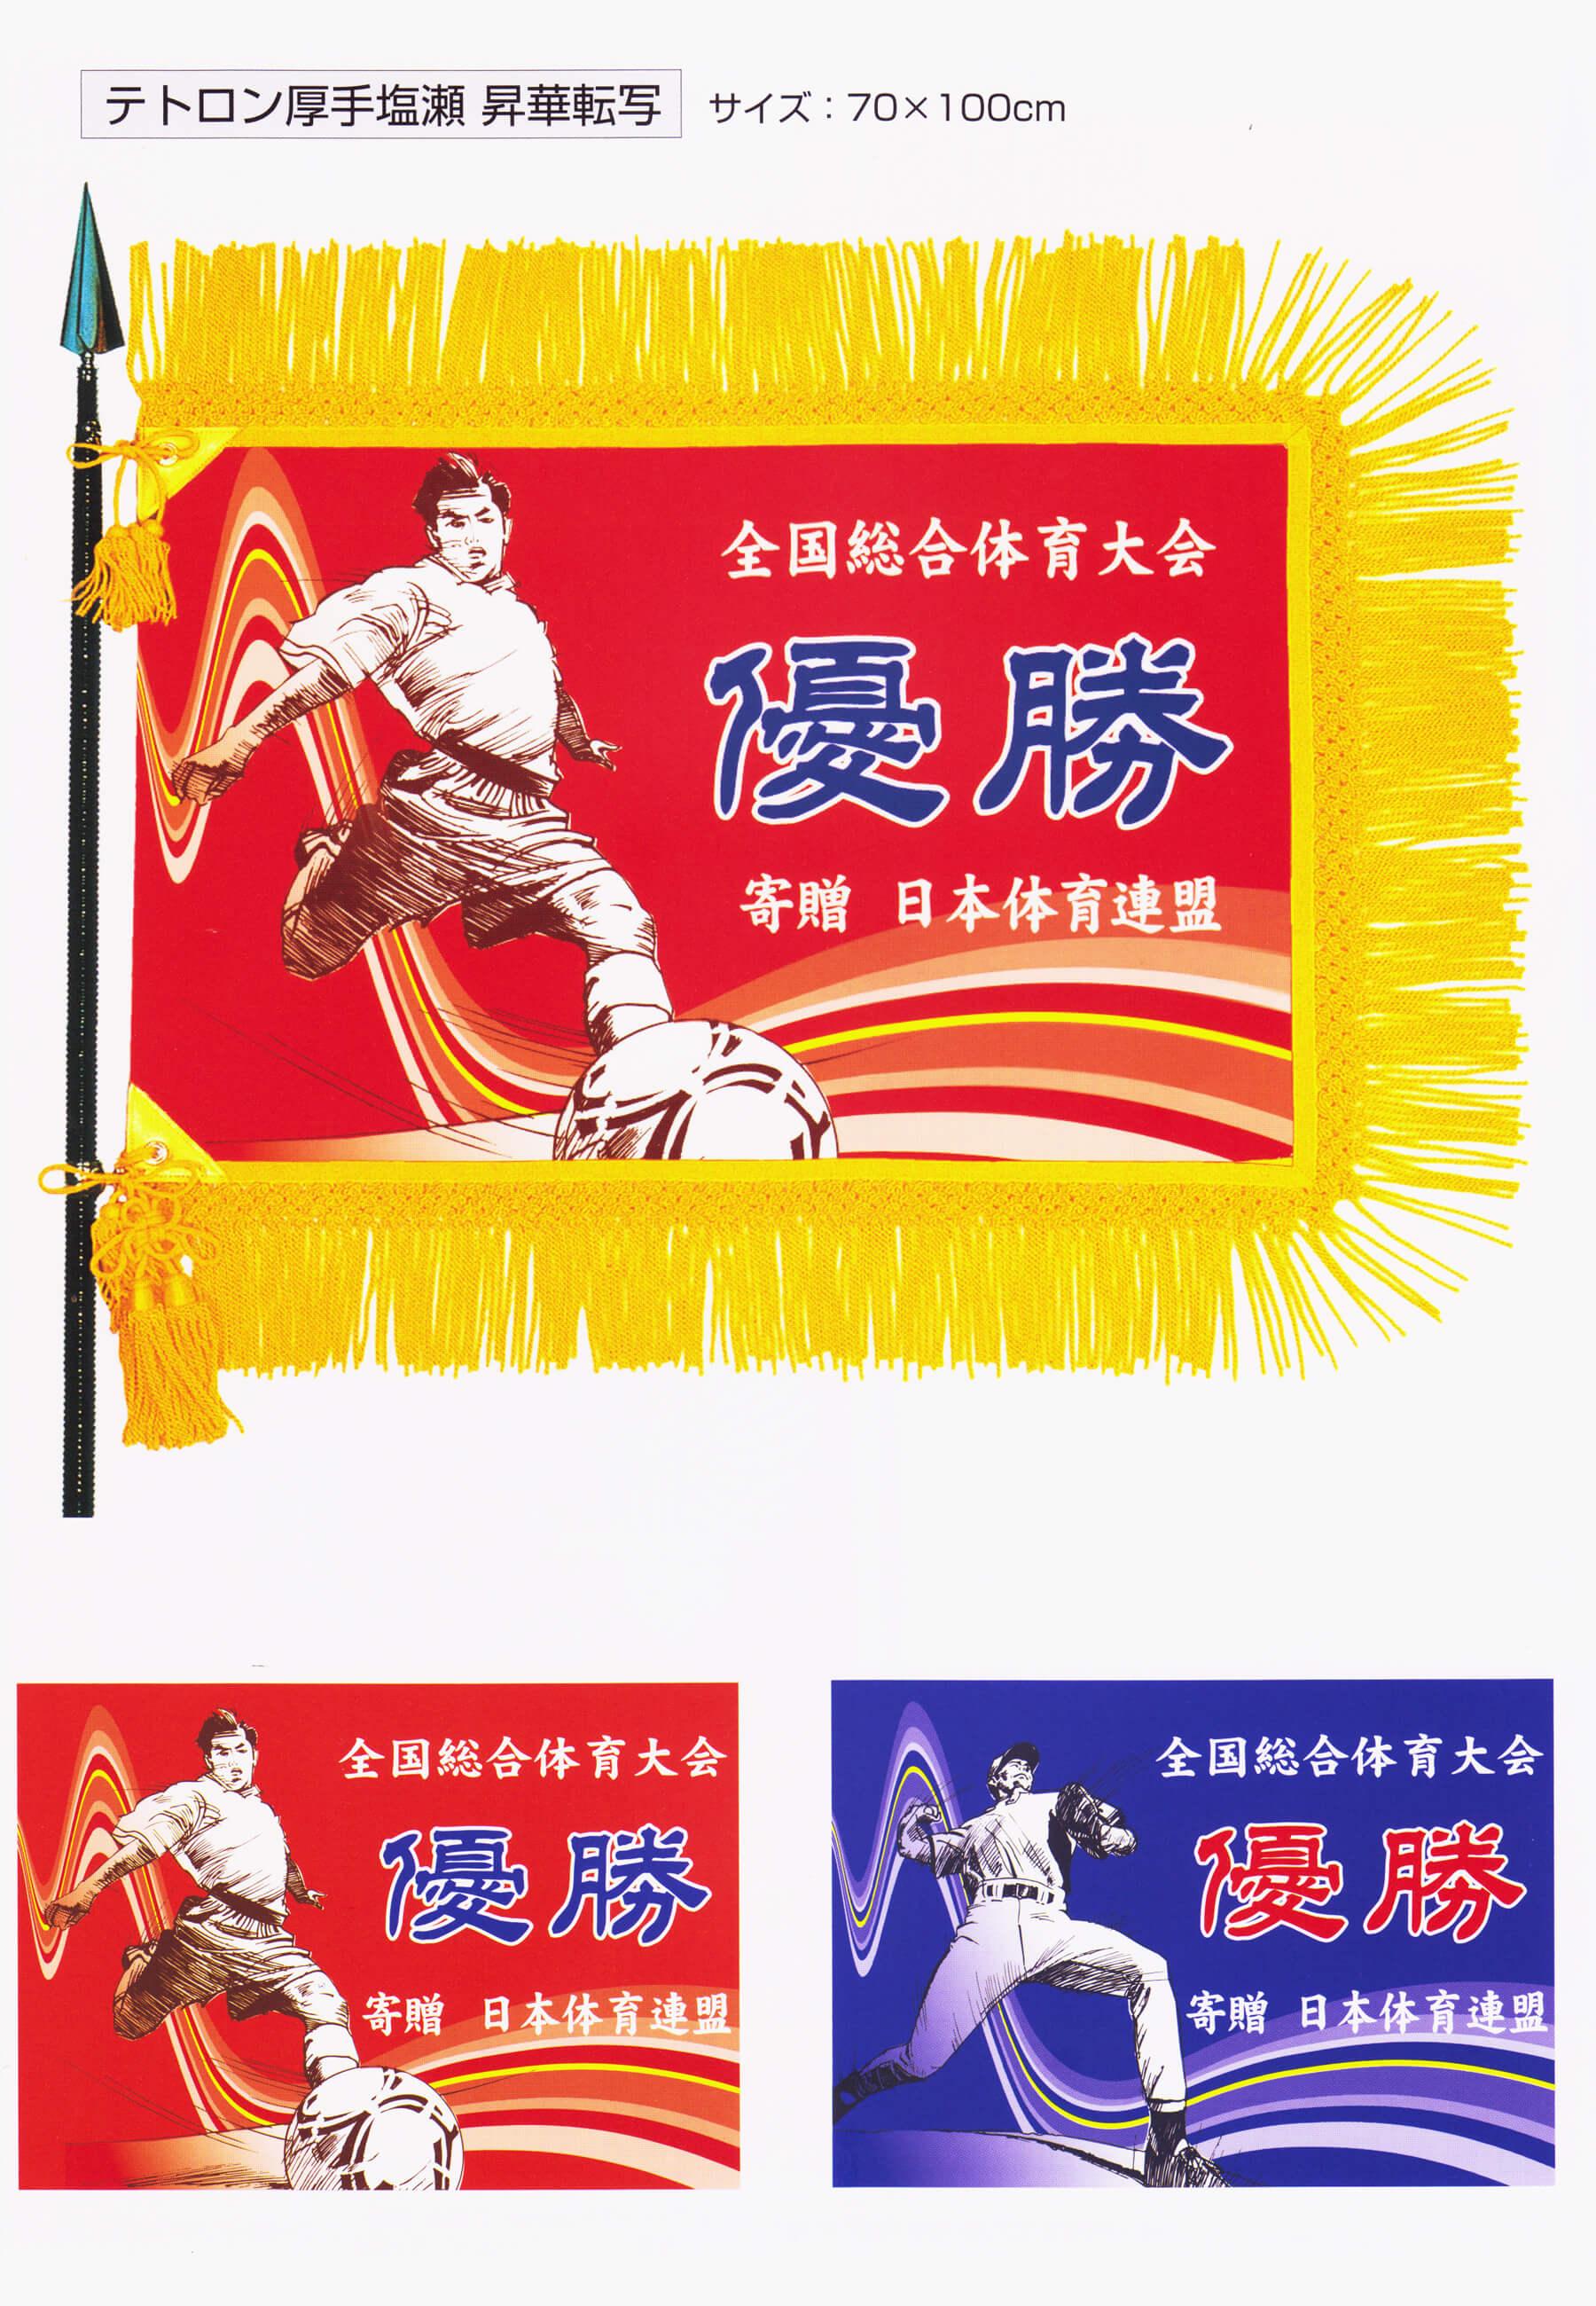 オリジナルの優勝旗(テトロン厚手塩瀬)のサンプル写真